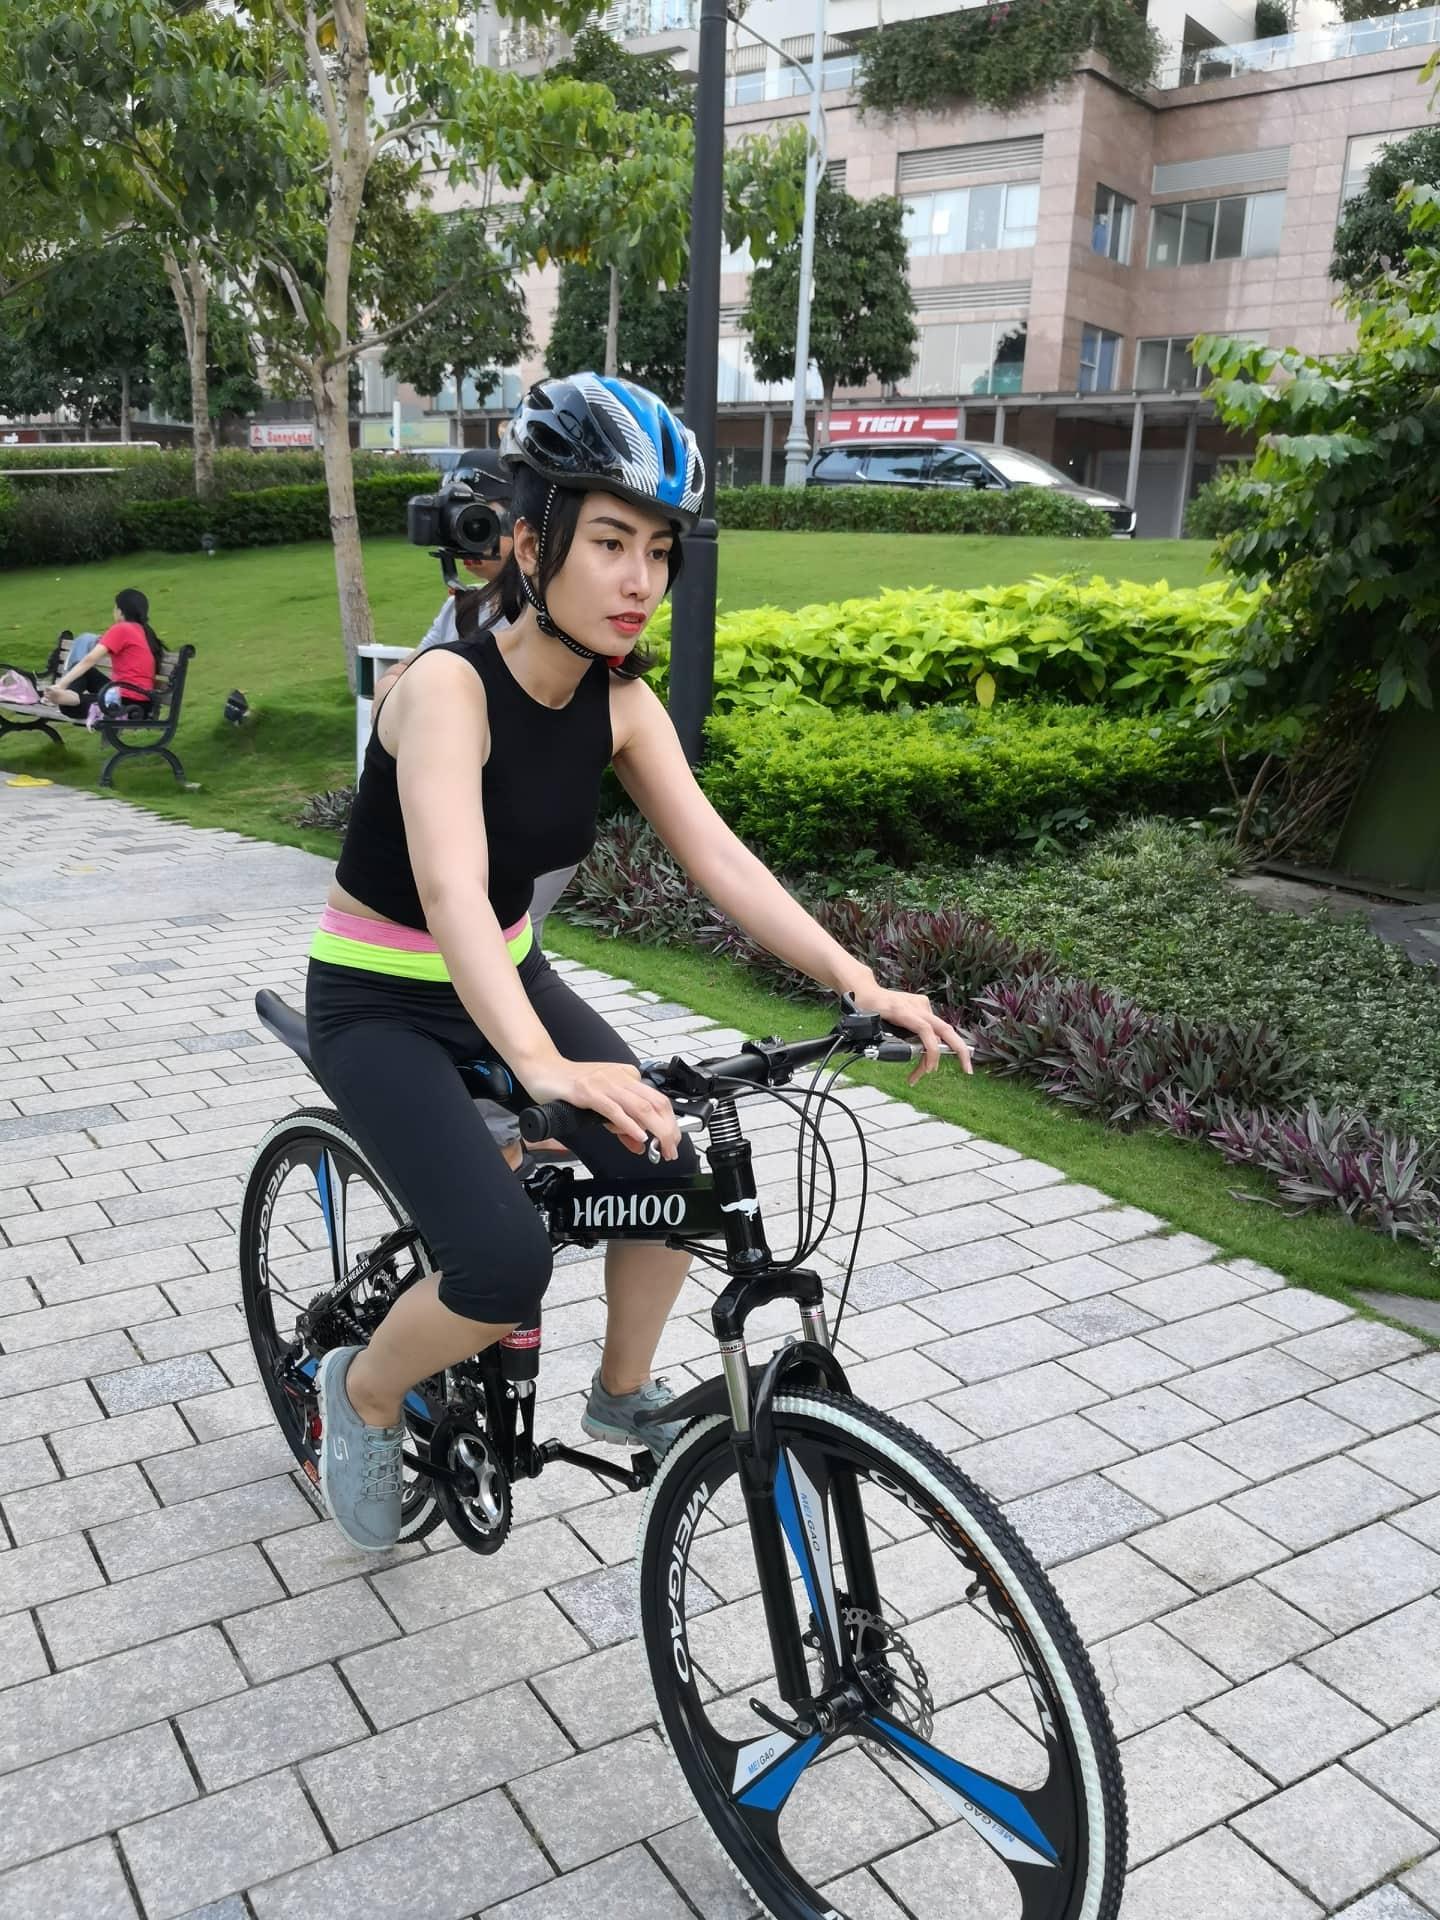 Mua Xe đạp gấp thể thao địa hình HaHoo - Bánh mâm đúc